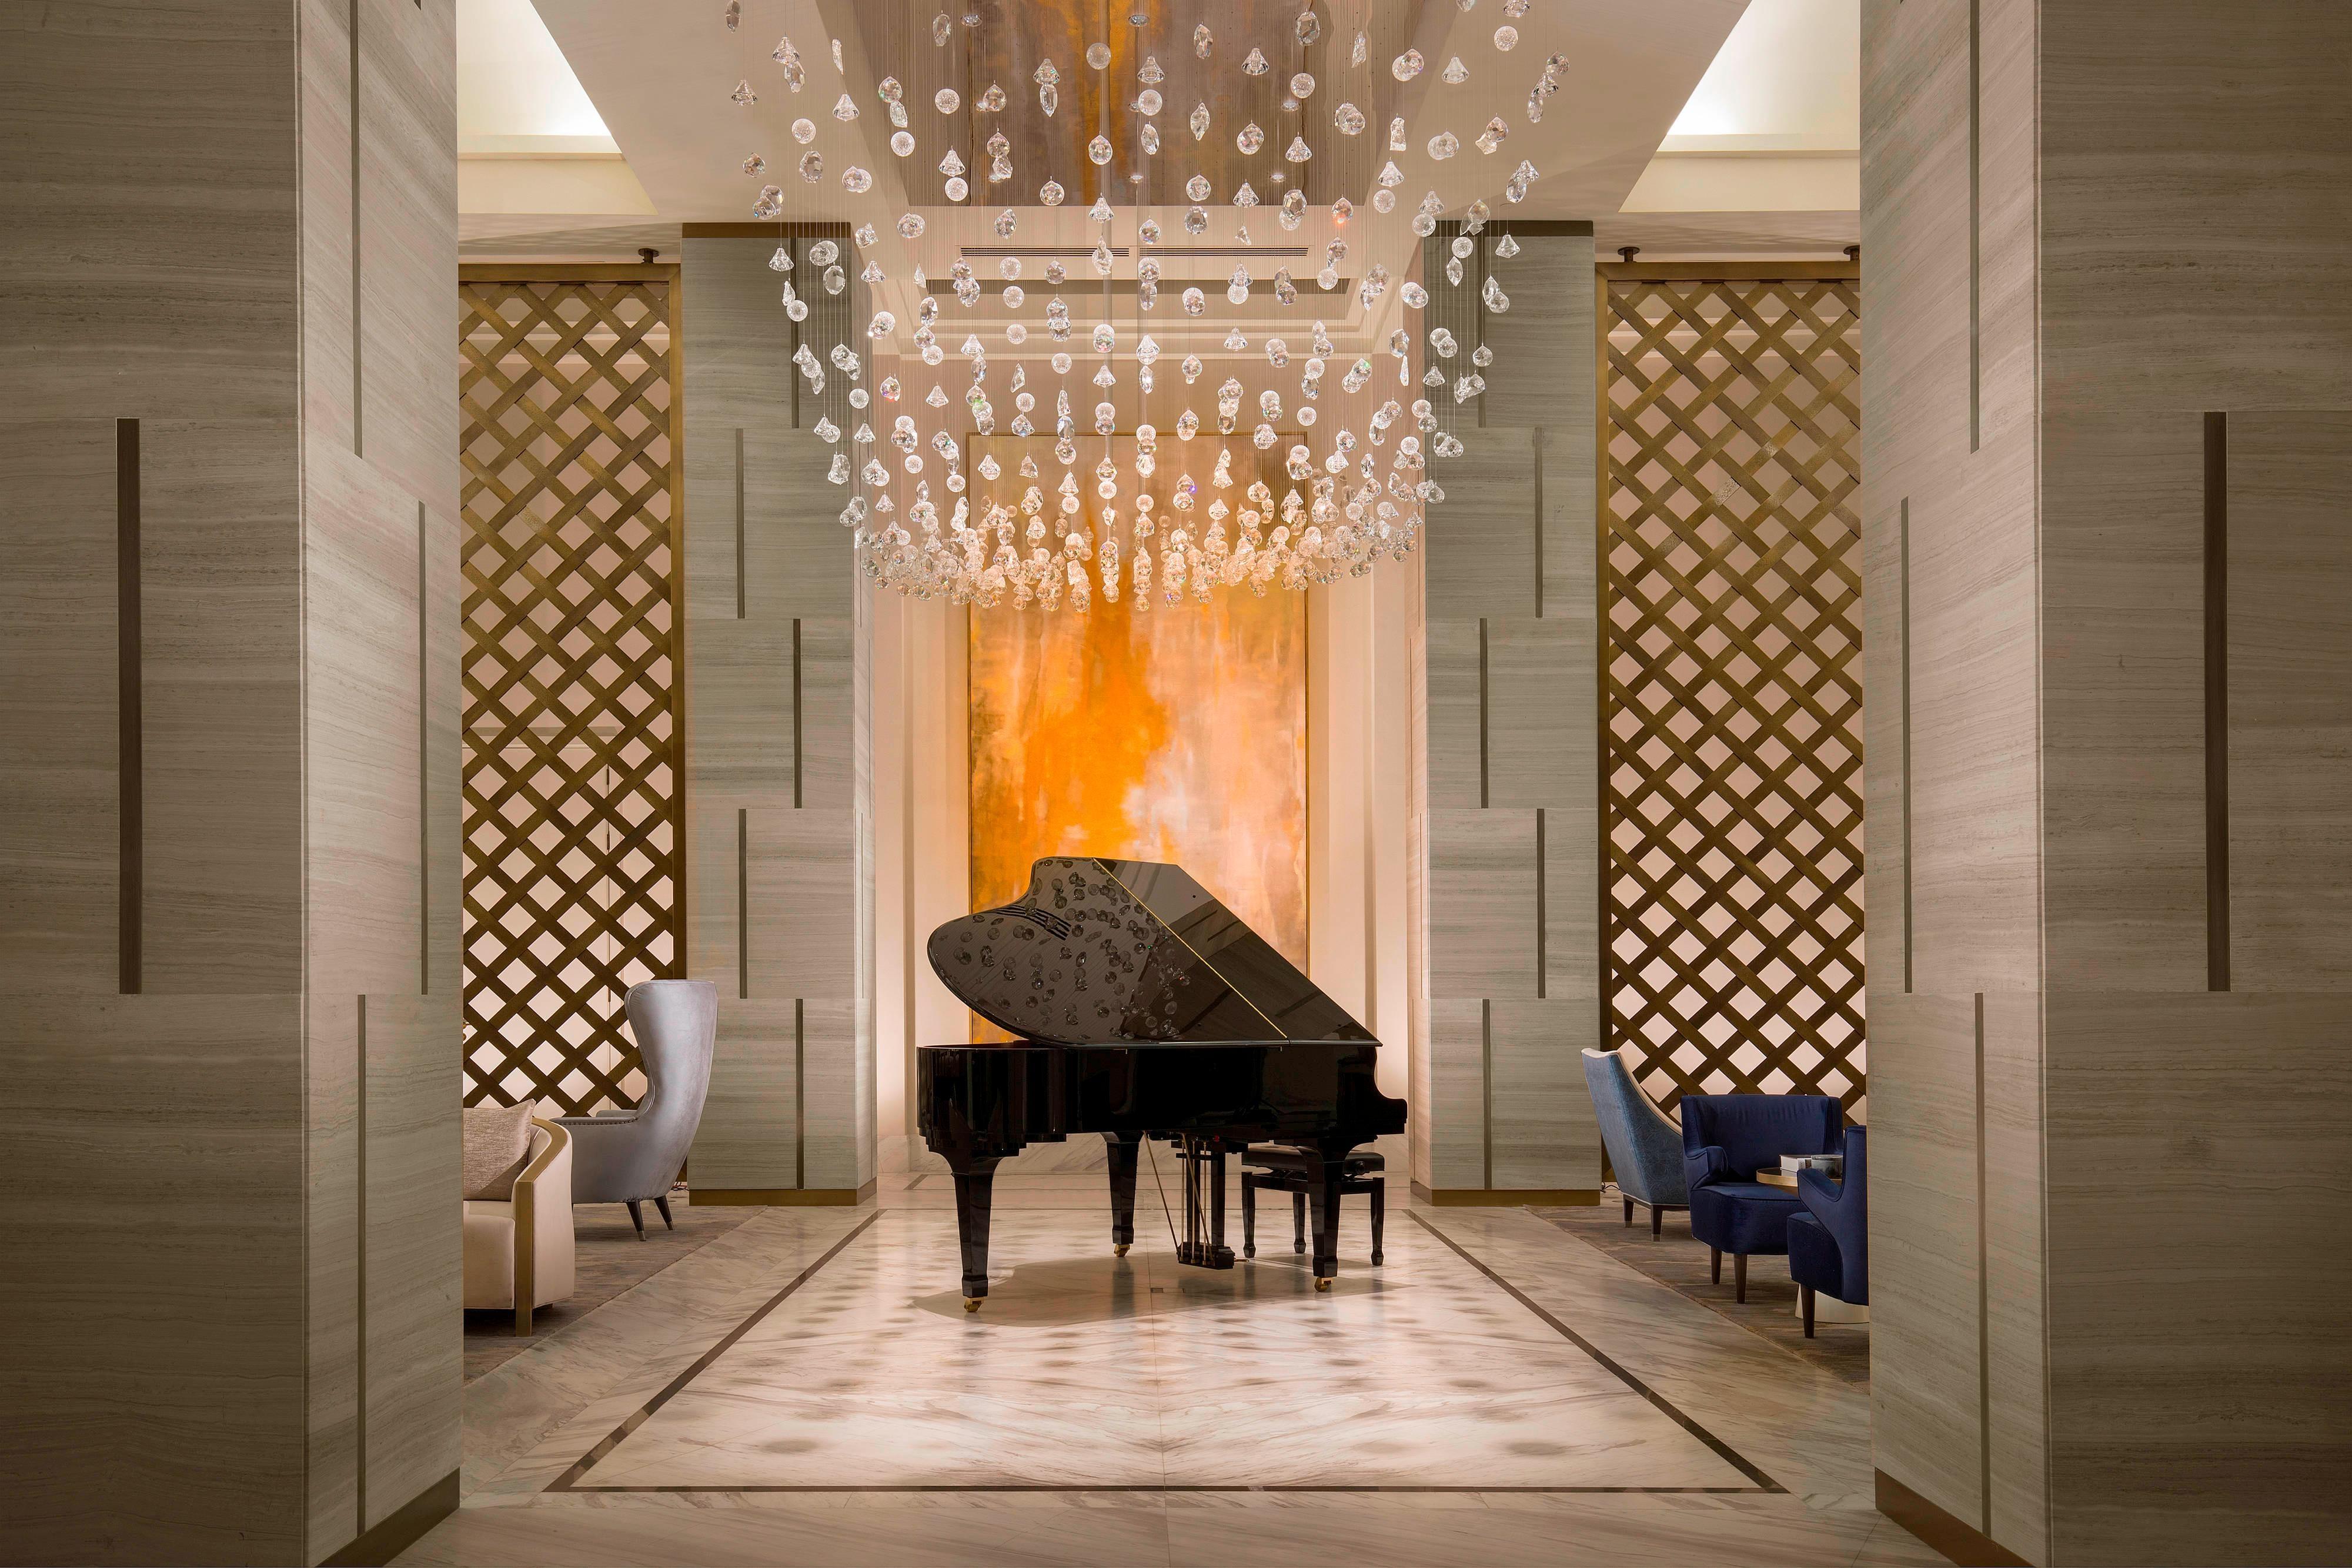 Grand Piano at Lobby